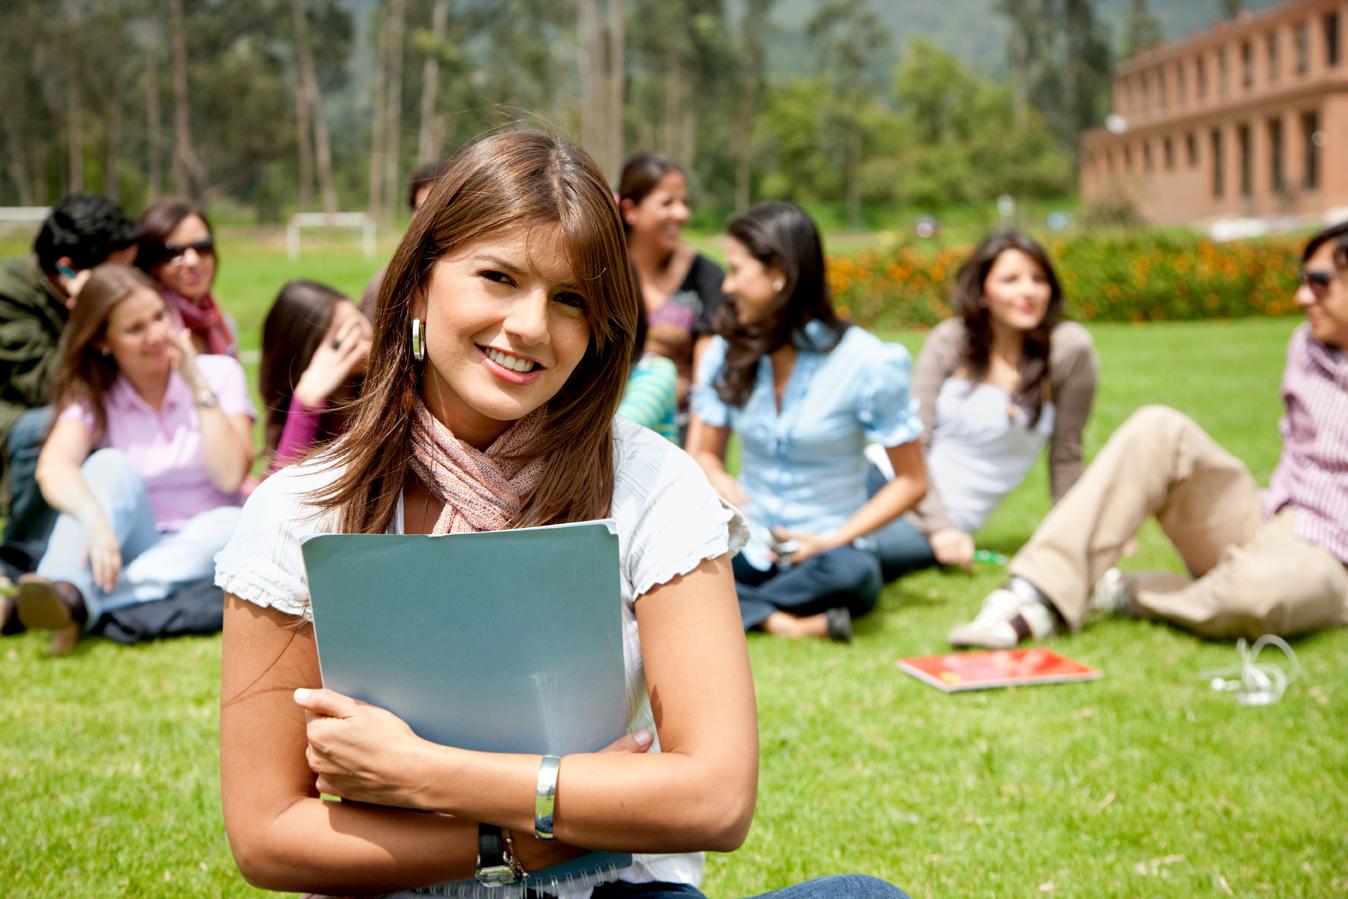 пролена каникулы в колледжах украины термобелья